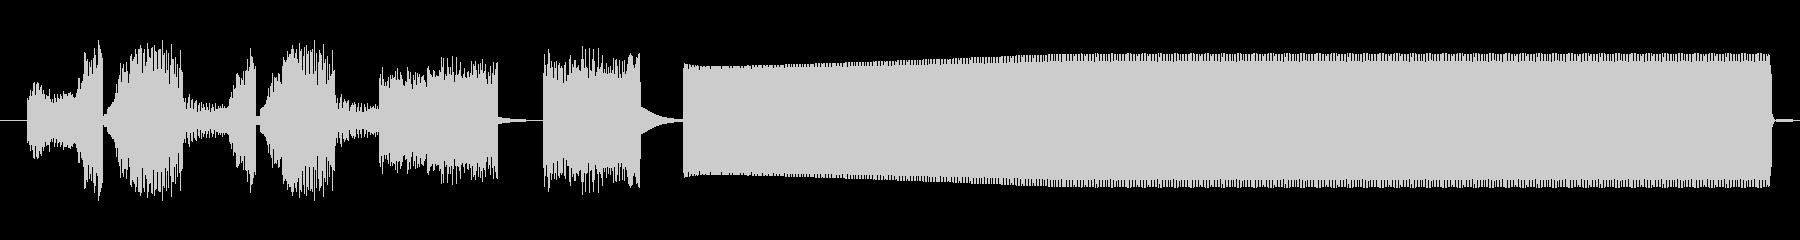 Electrozapperスワイプ4の未再生の波形